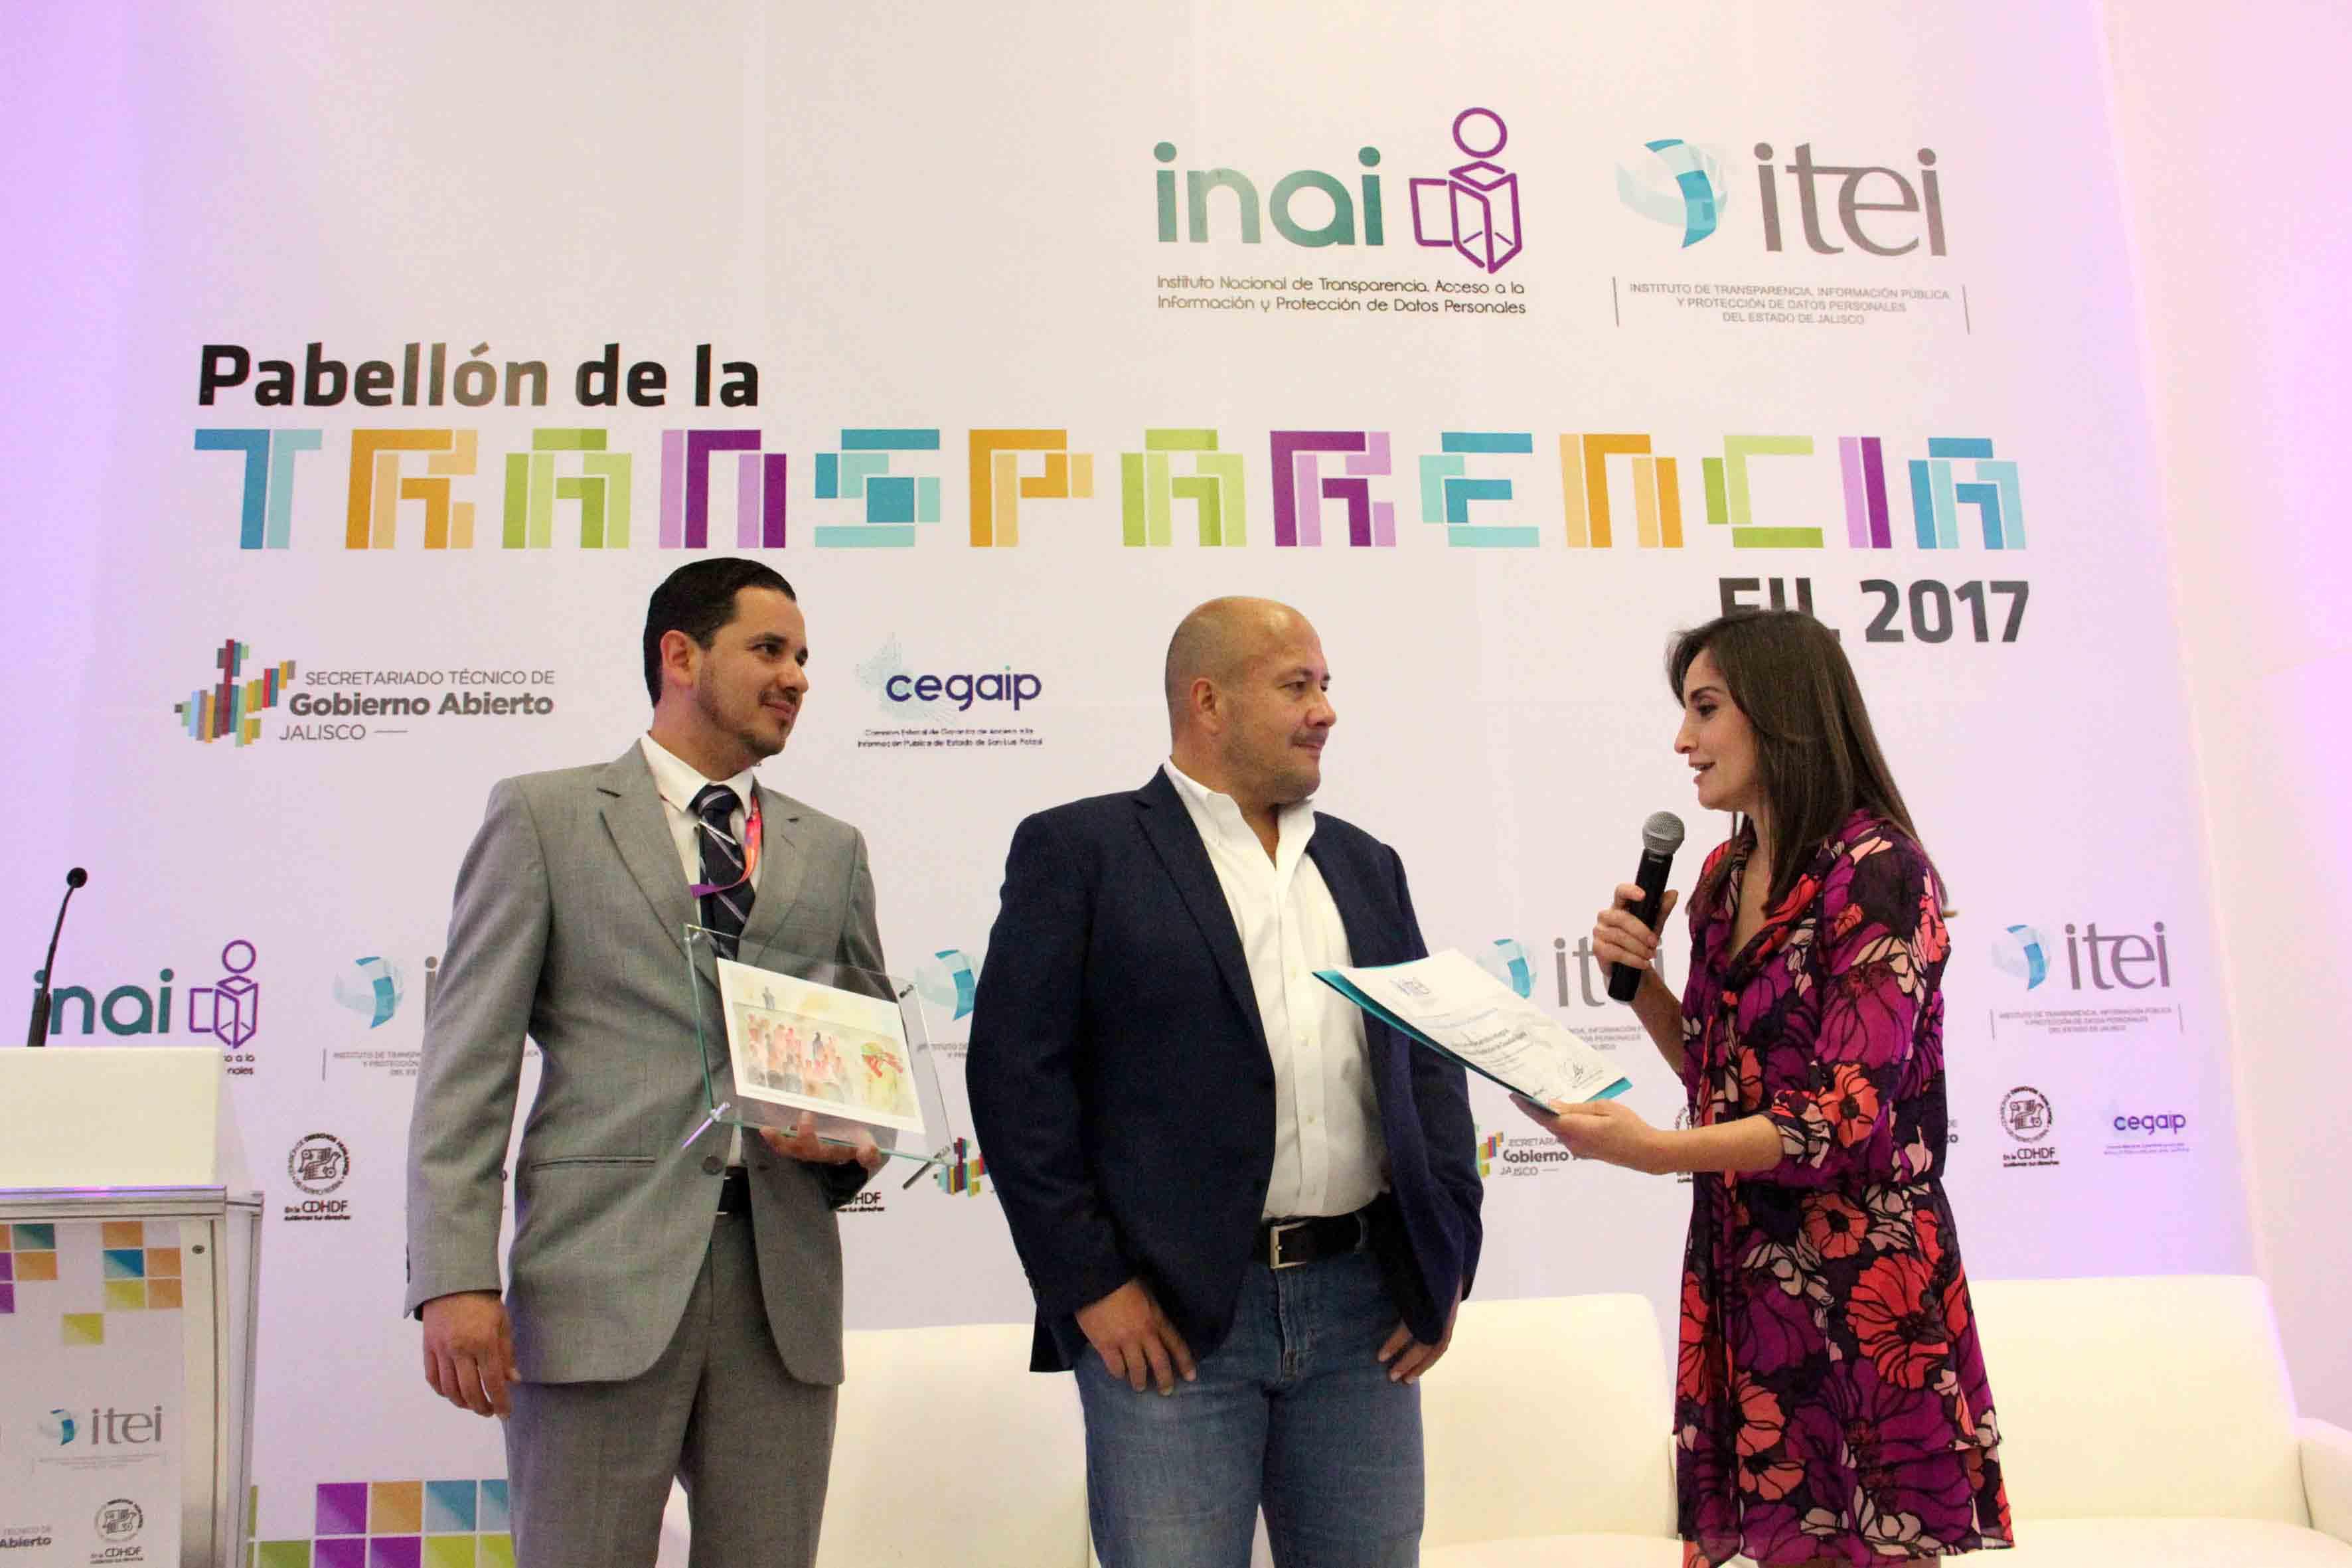 Ceremonia en la que la UdeG recibe un reconocimiento del ITEI por su colaboración en el diseño del Protocolo 409.